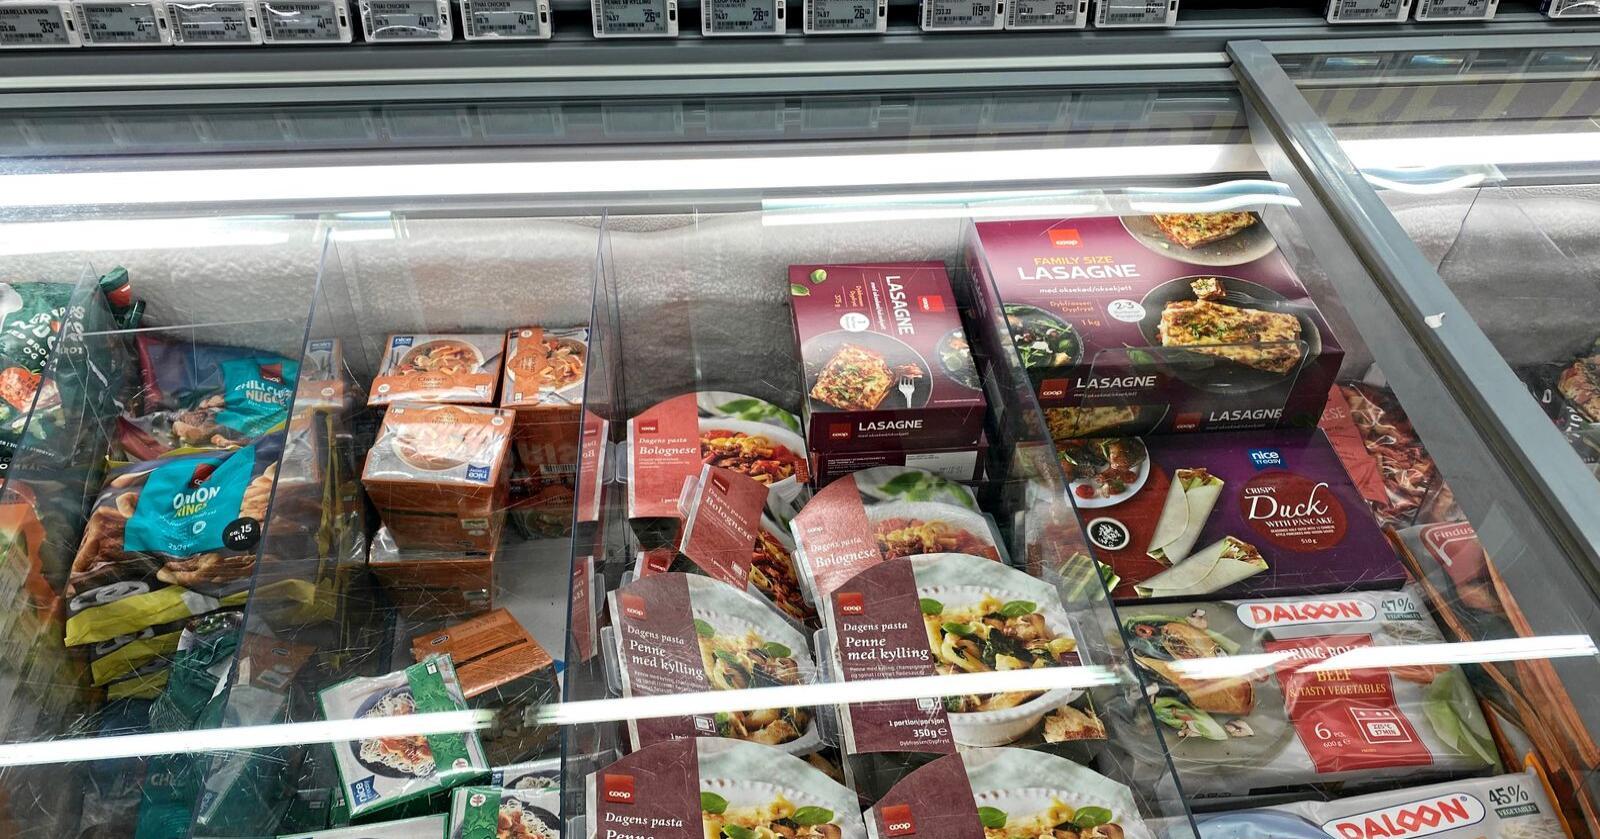 Tilslørte bondevarer: EMV-produkter lar kjedene anynymisere og utnytte matproduksjon. Foto: Sigurd Lein Hernes